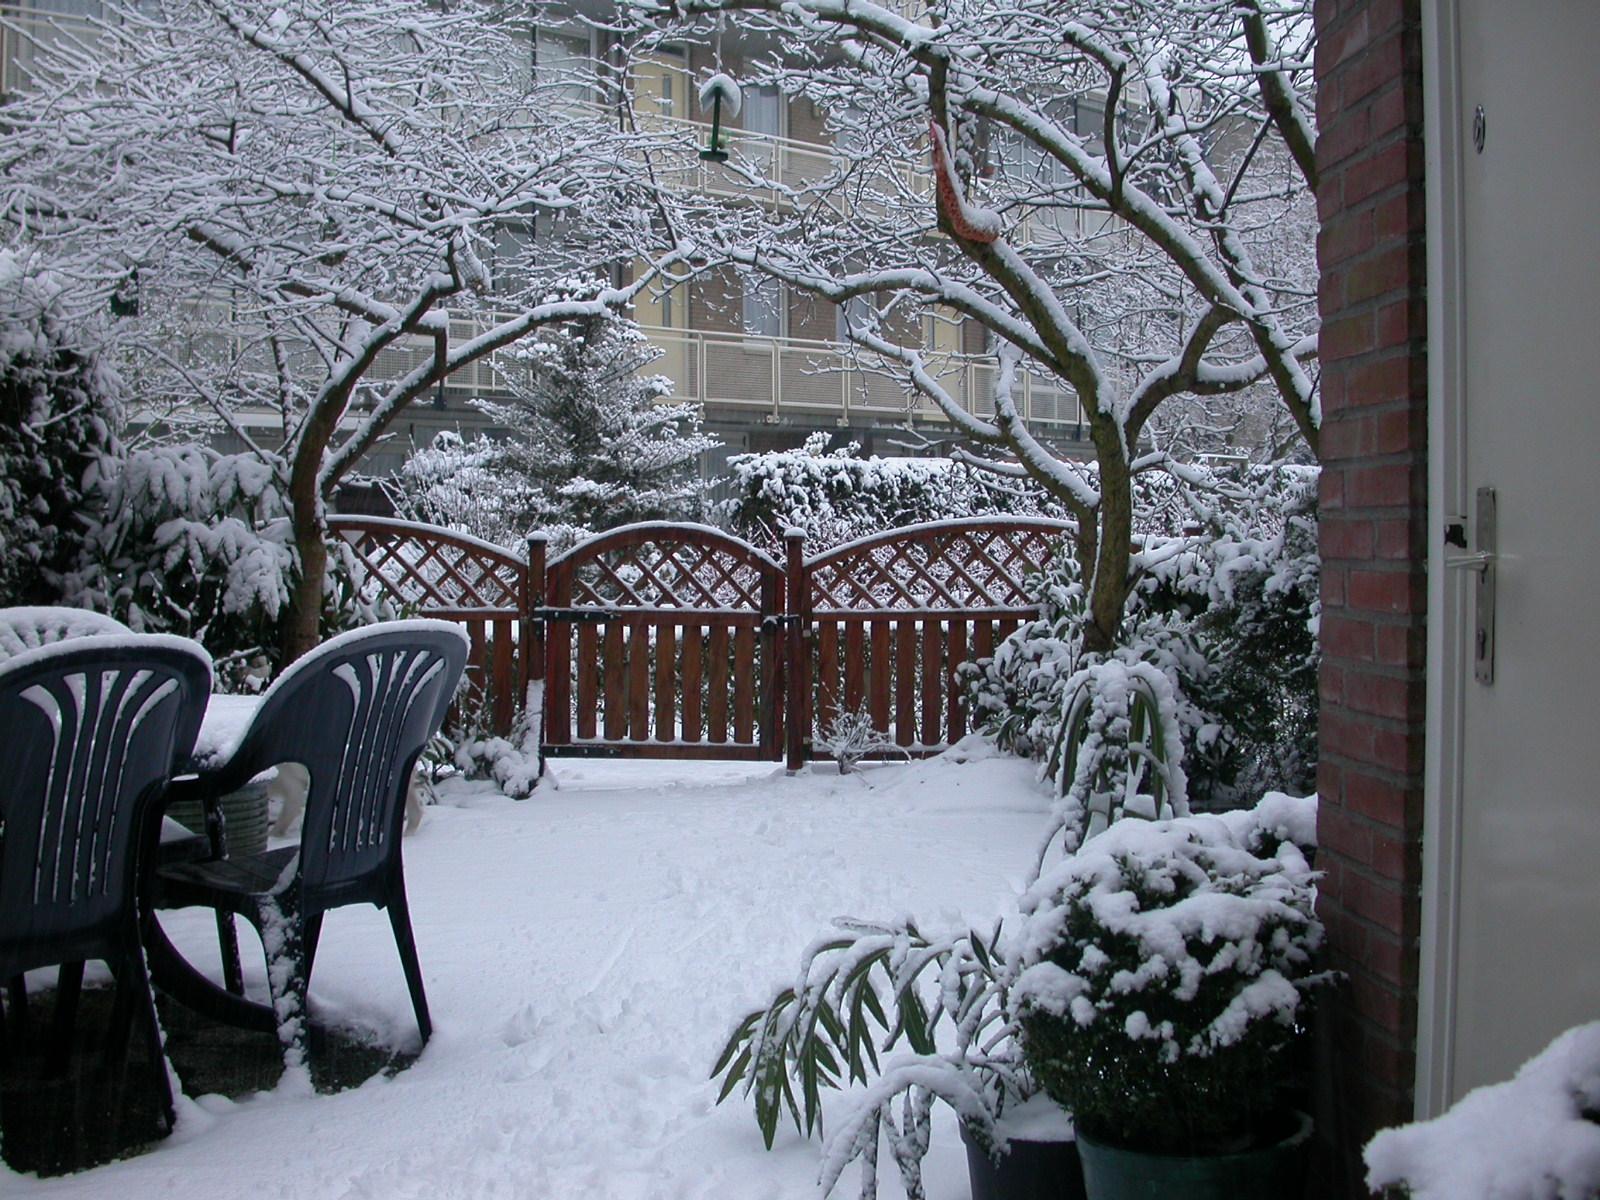 eva garden winter snow blanket white crisp cold backgarden images